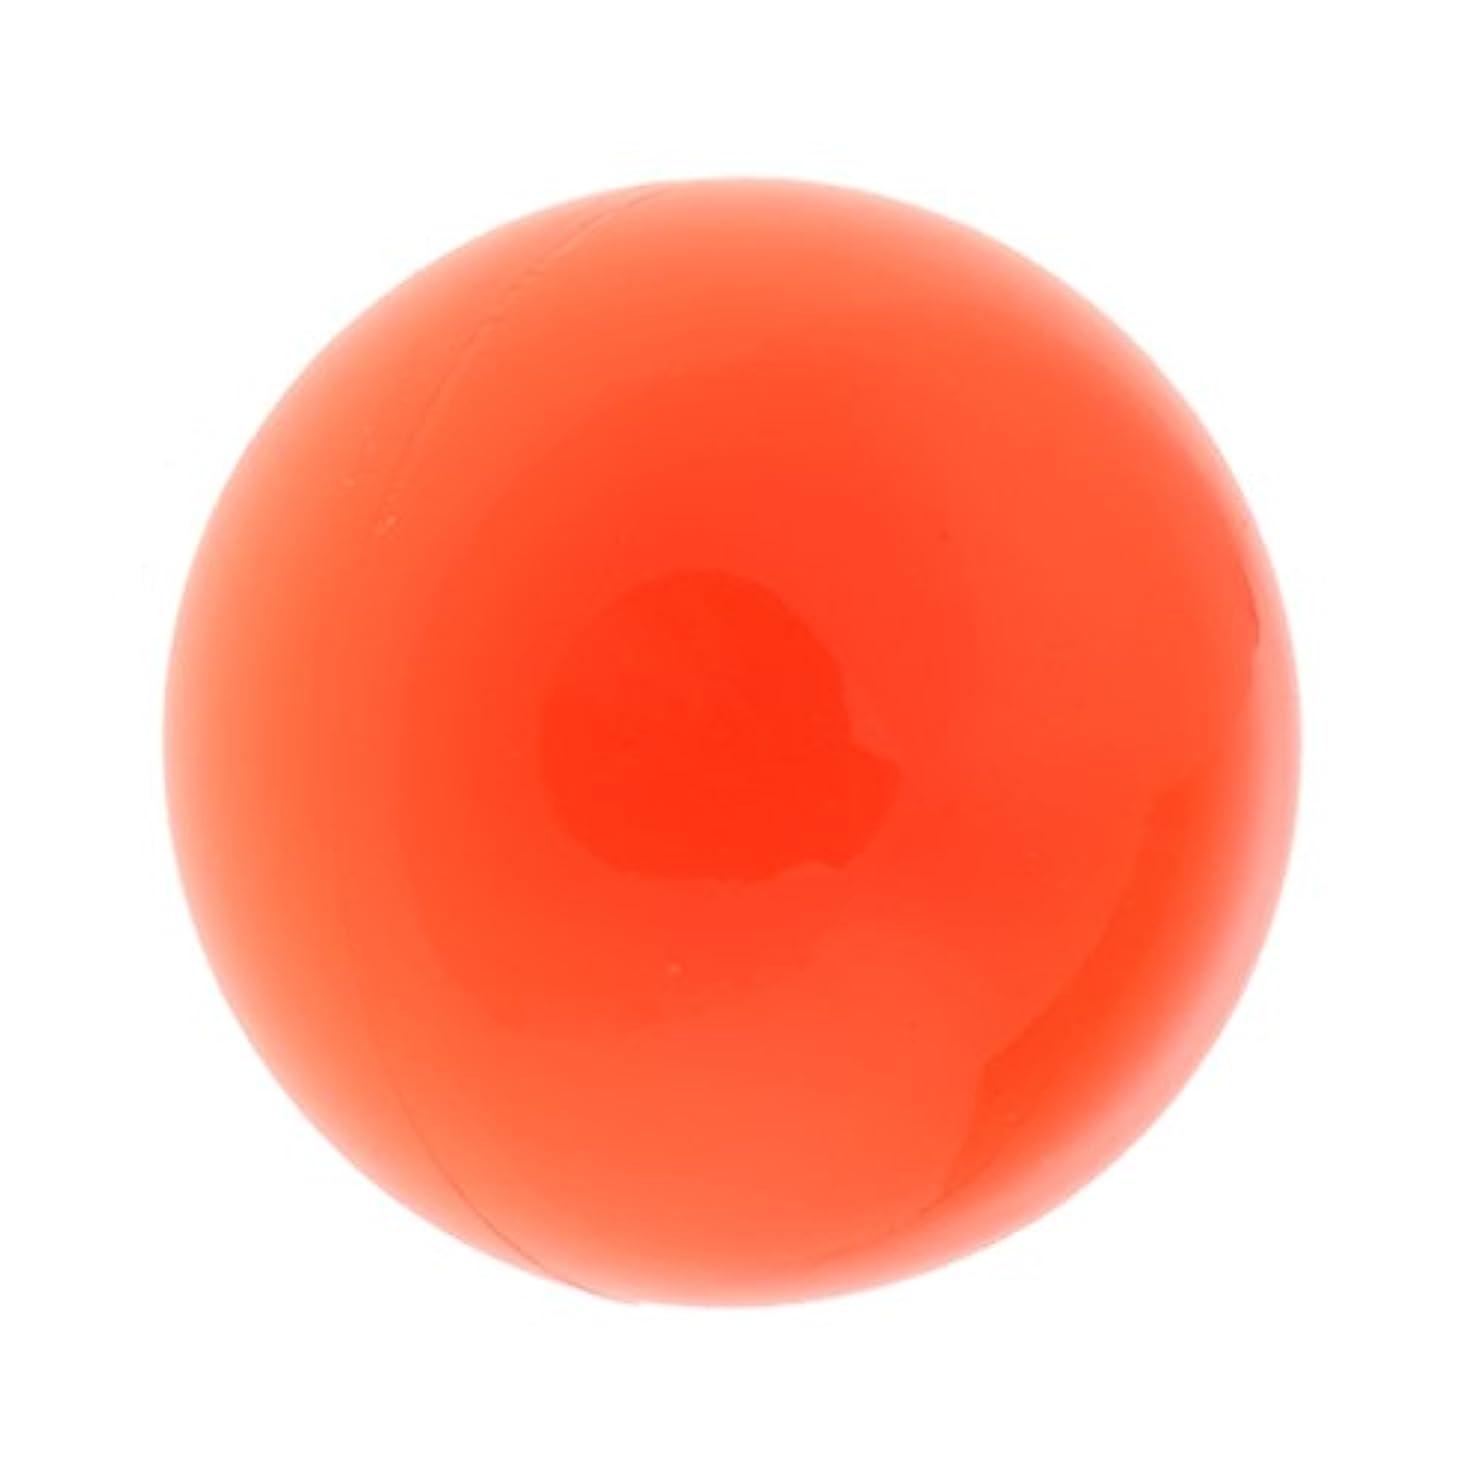 モディッシュラベ薬を飲むFenteer ラクロスマッサージボール マッサージボール マッサージ 手のひら 足 腕 首 背中 足首 ジム ホーム 便利 オレンジ